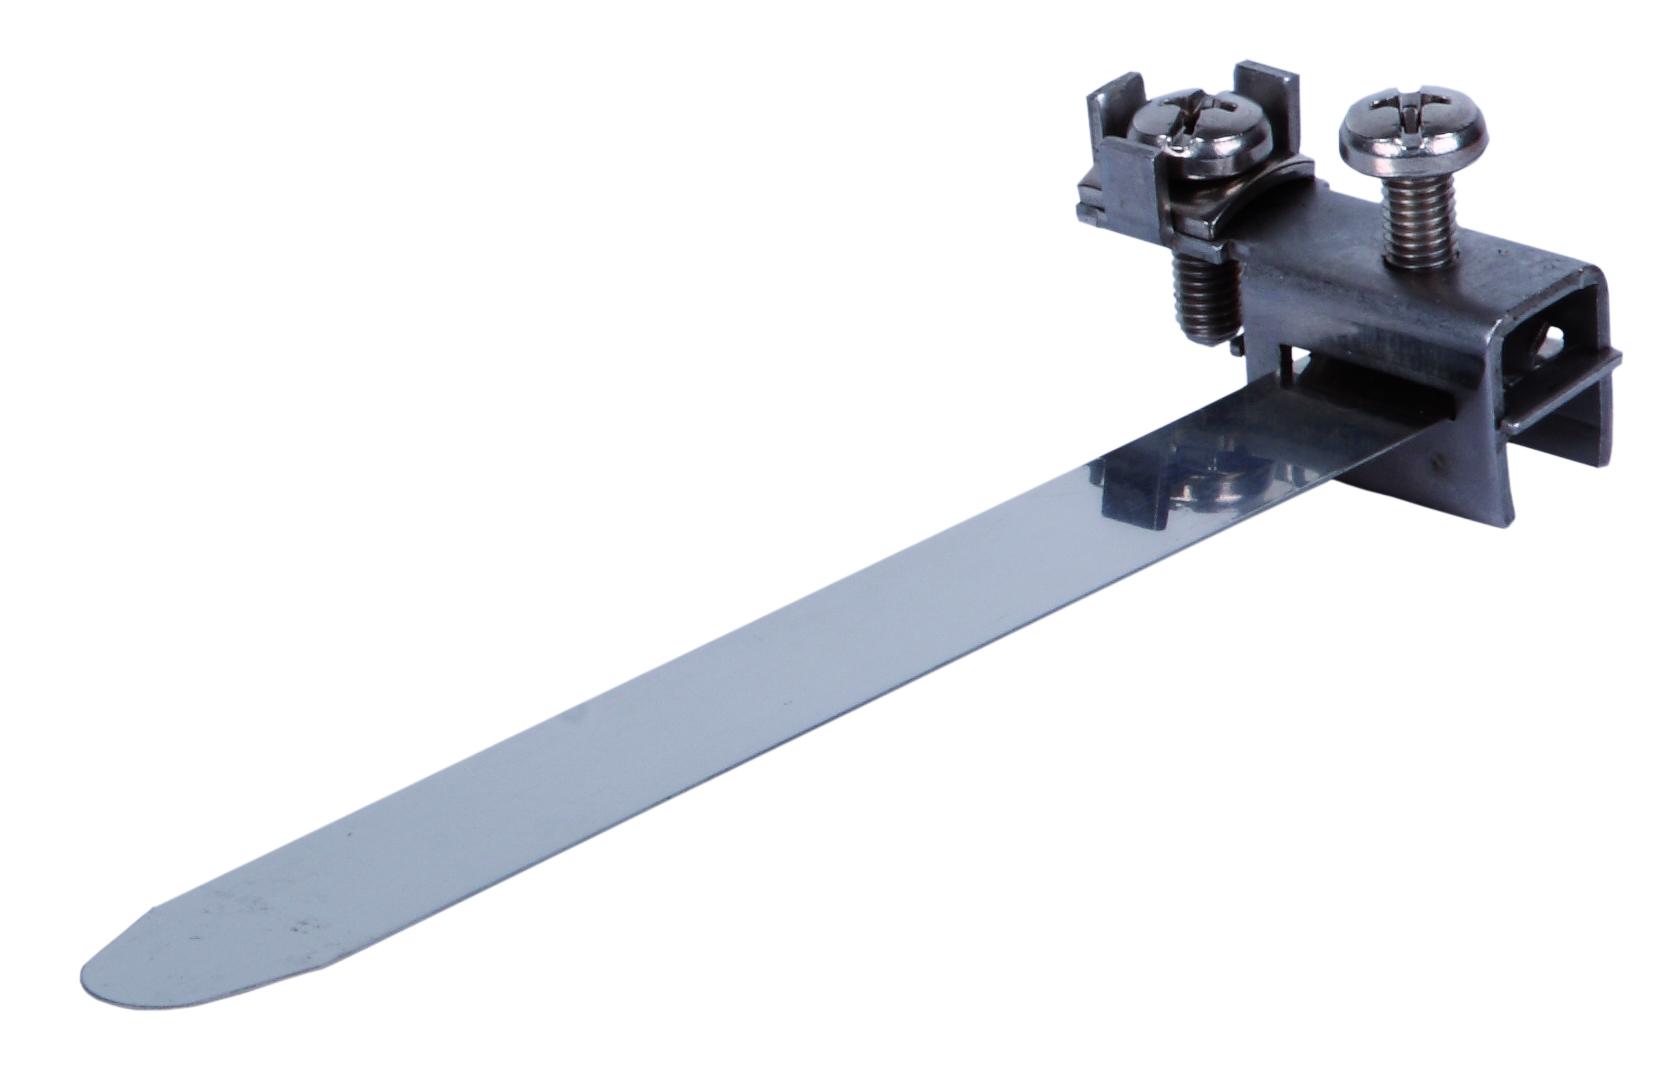 1 Stk Erdungsbandschelle V2A Rohre Ø 8-50mm Anschluss: 2,5-16mm² BG2020424-